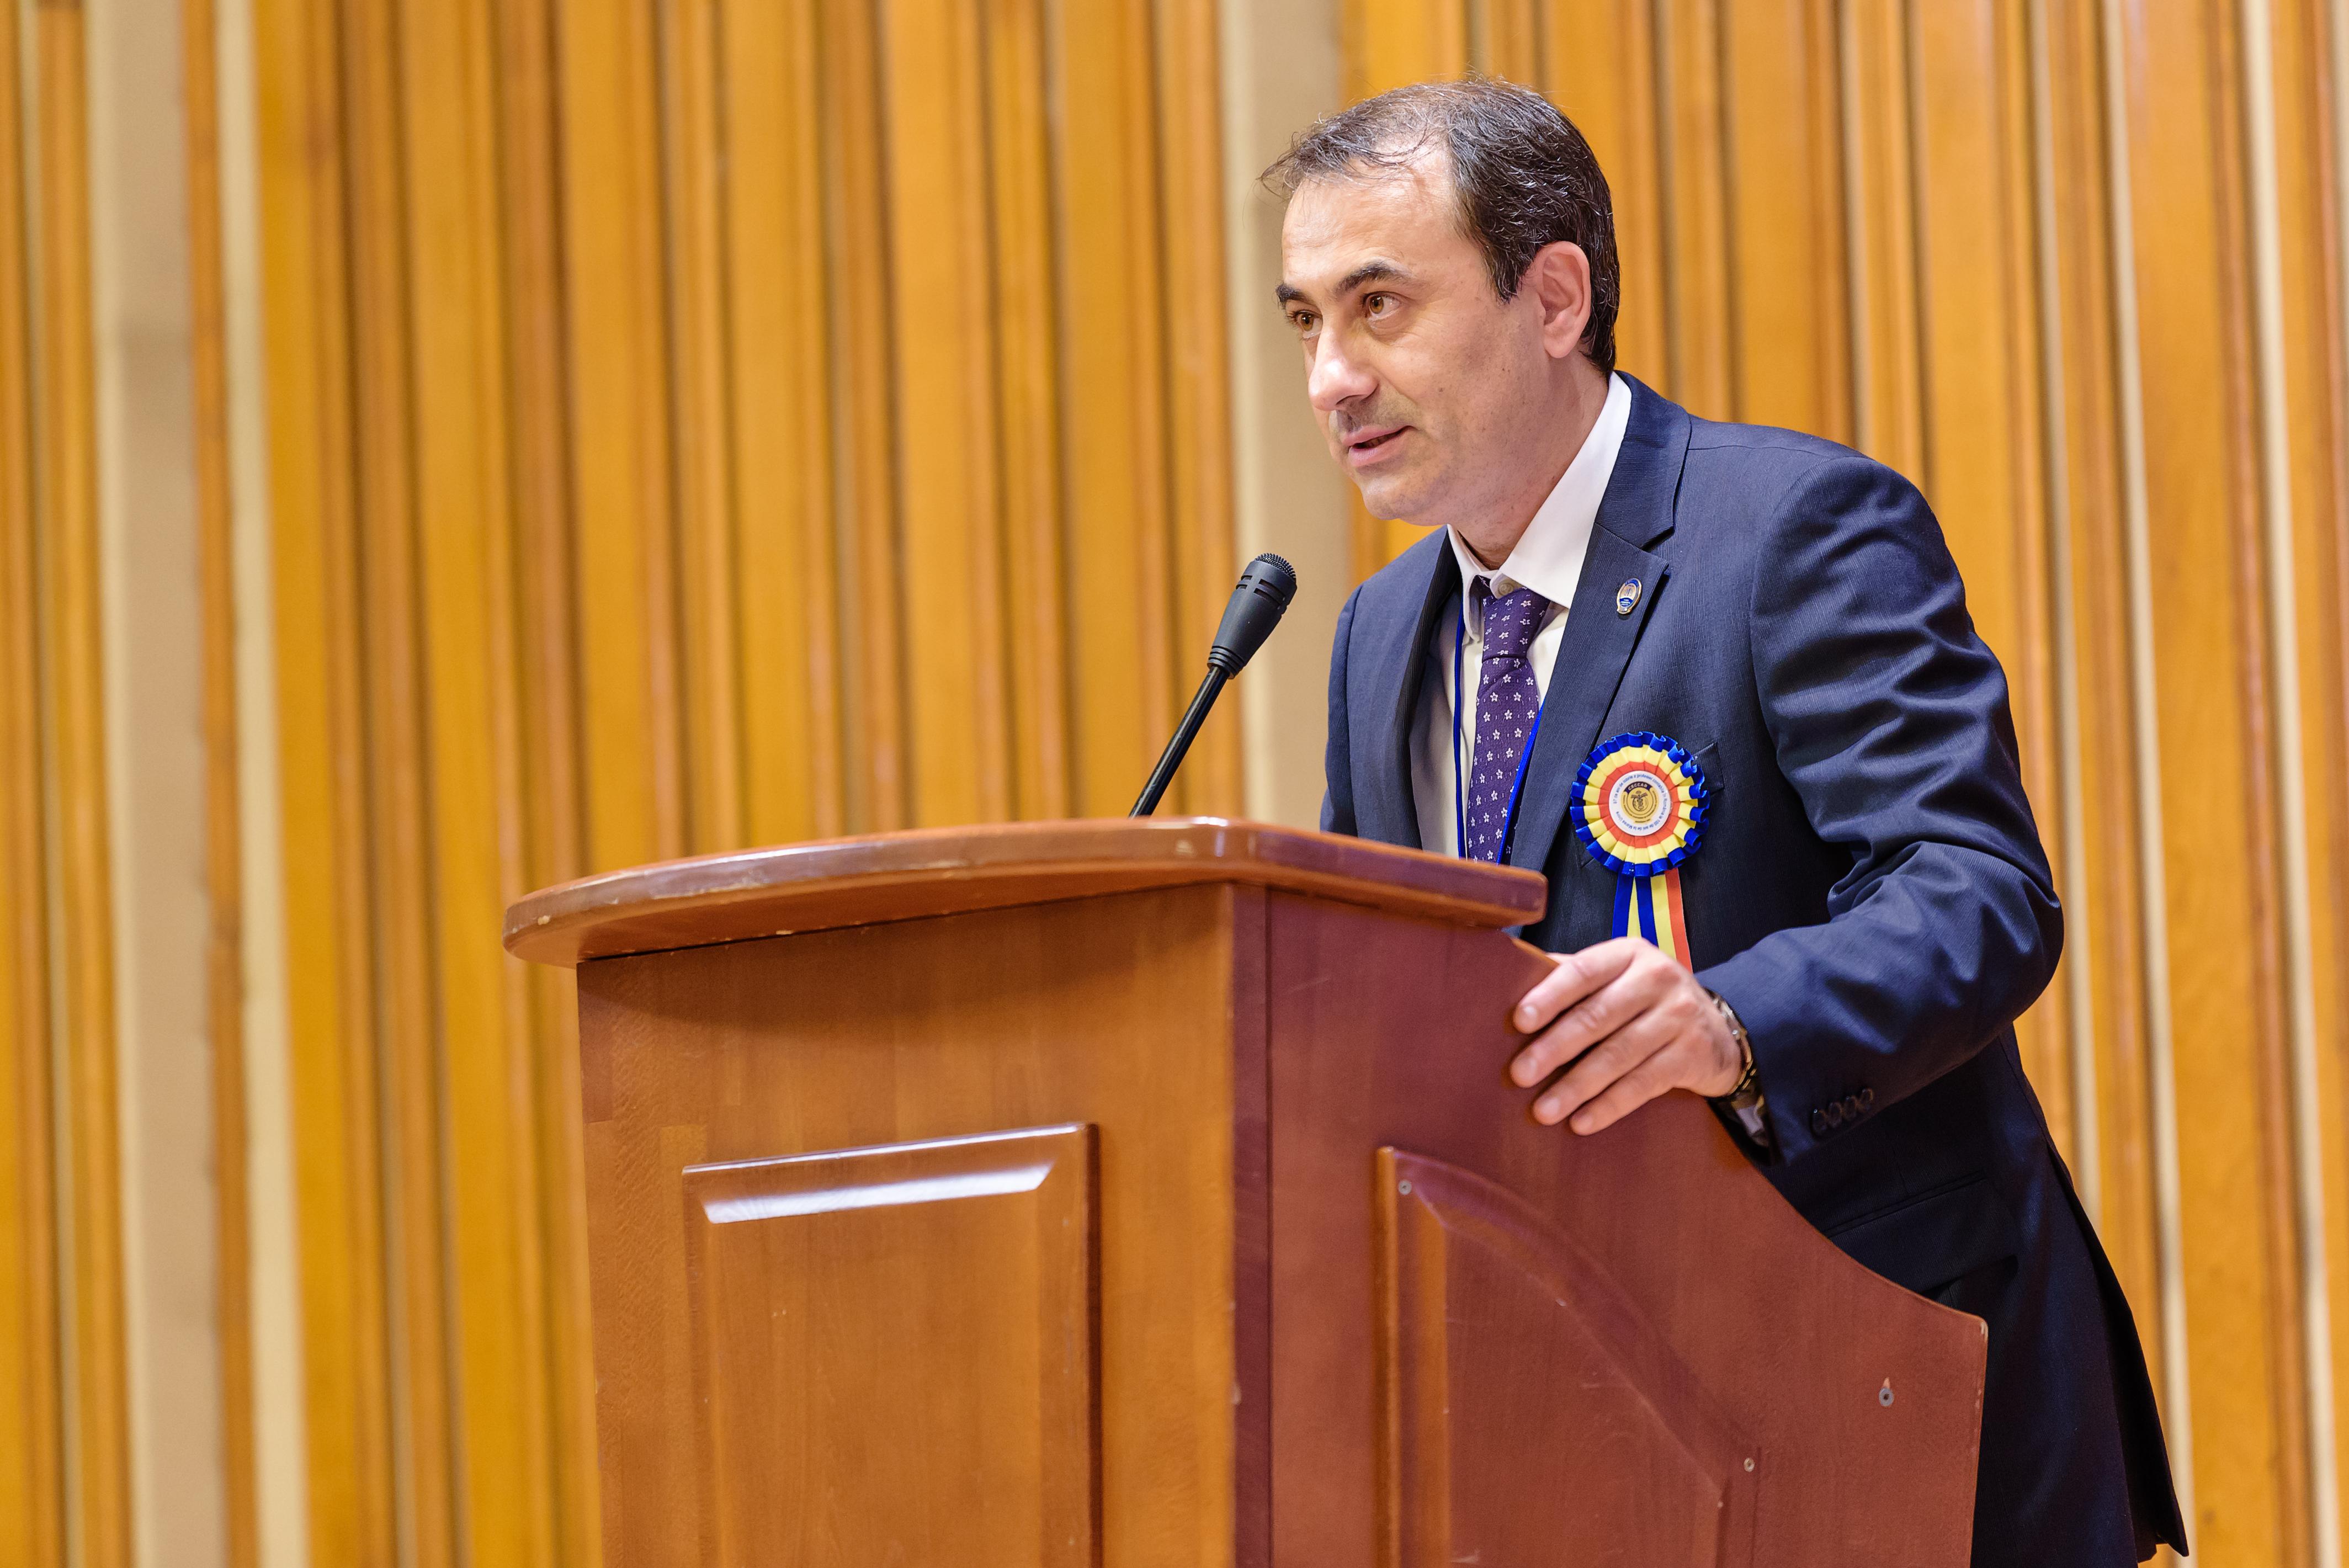 Discursul președintelui Consiliului Superior al CECCAR, prof. univ. dr. Robert-Aurelian Șova, expert contabil, din deschiderea lucrărilor Congresului profesiei contabile, ediția a XXII-a